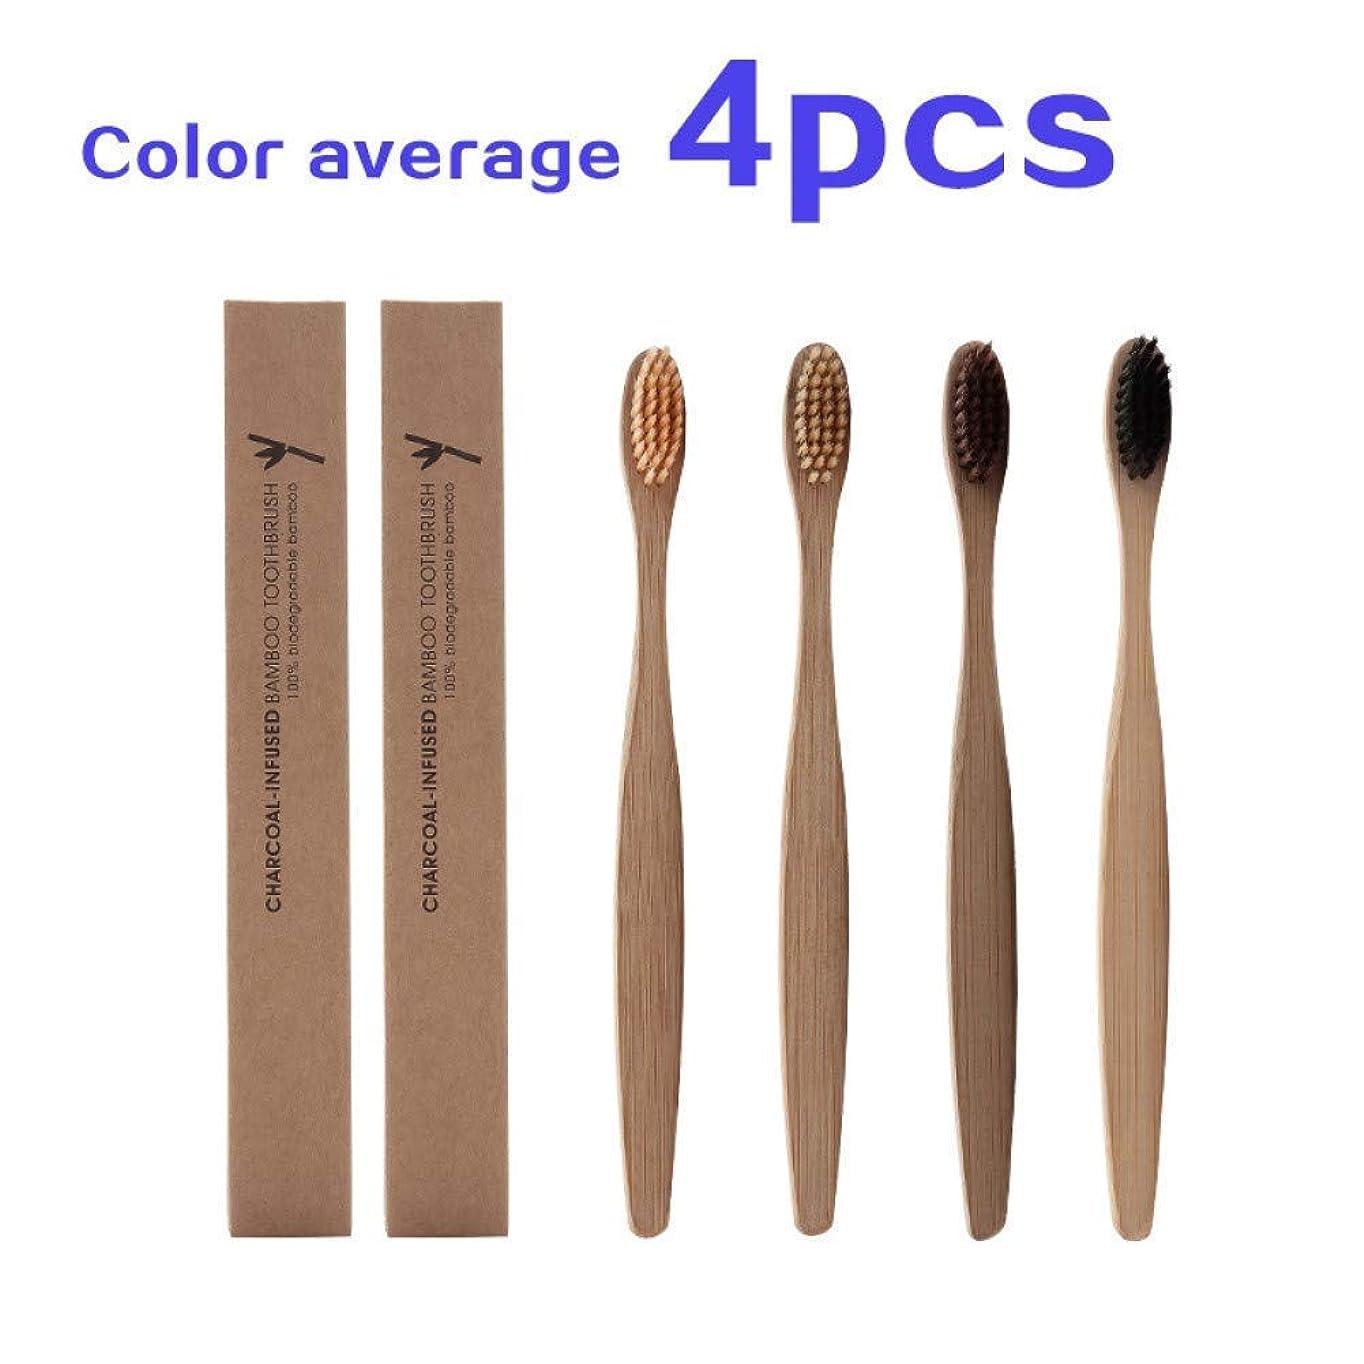 見せます面キャスト環境に優しい木製歯ブラシ竹歯ブラシ竹繊維木製ハンドル歯ブラシ大人用、B